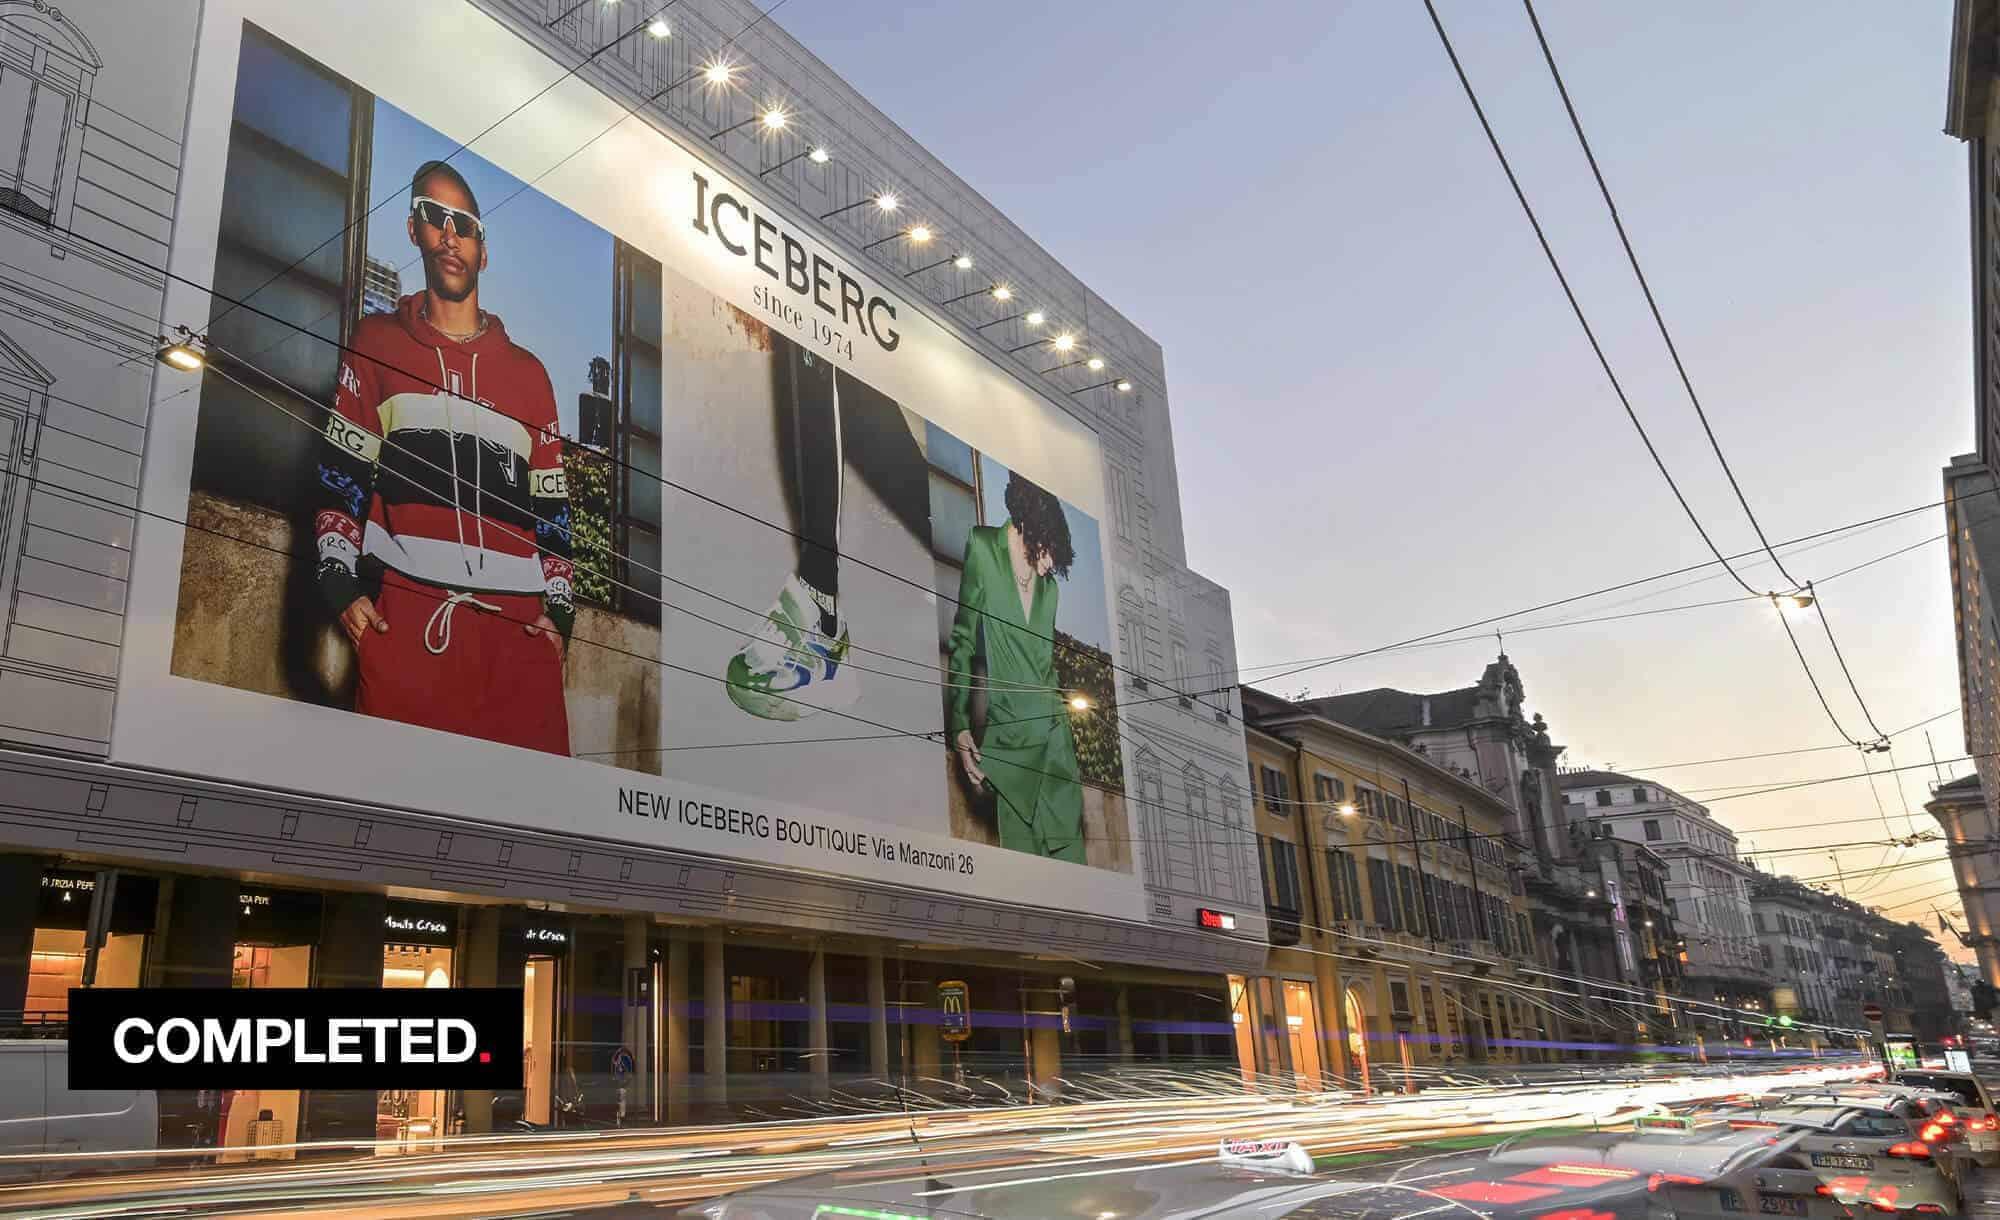 Maxi Affisione a Milano in Via Manzoni 38 di Iceberg (fashion)